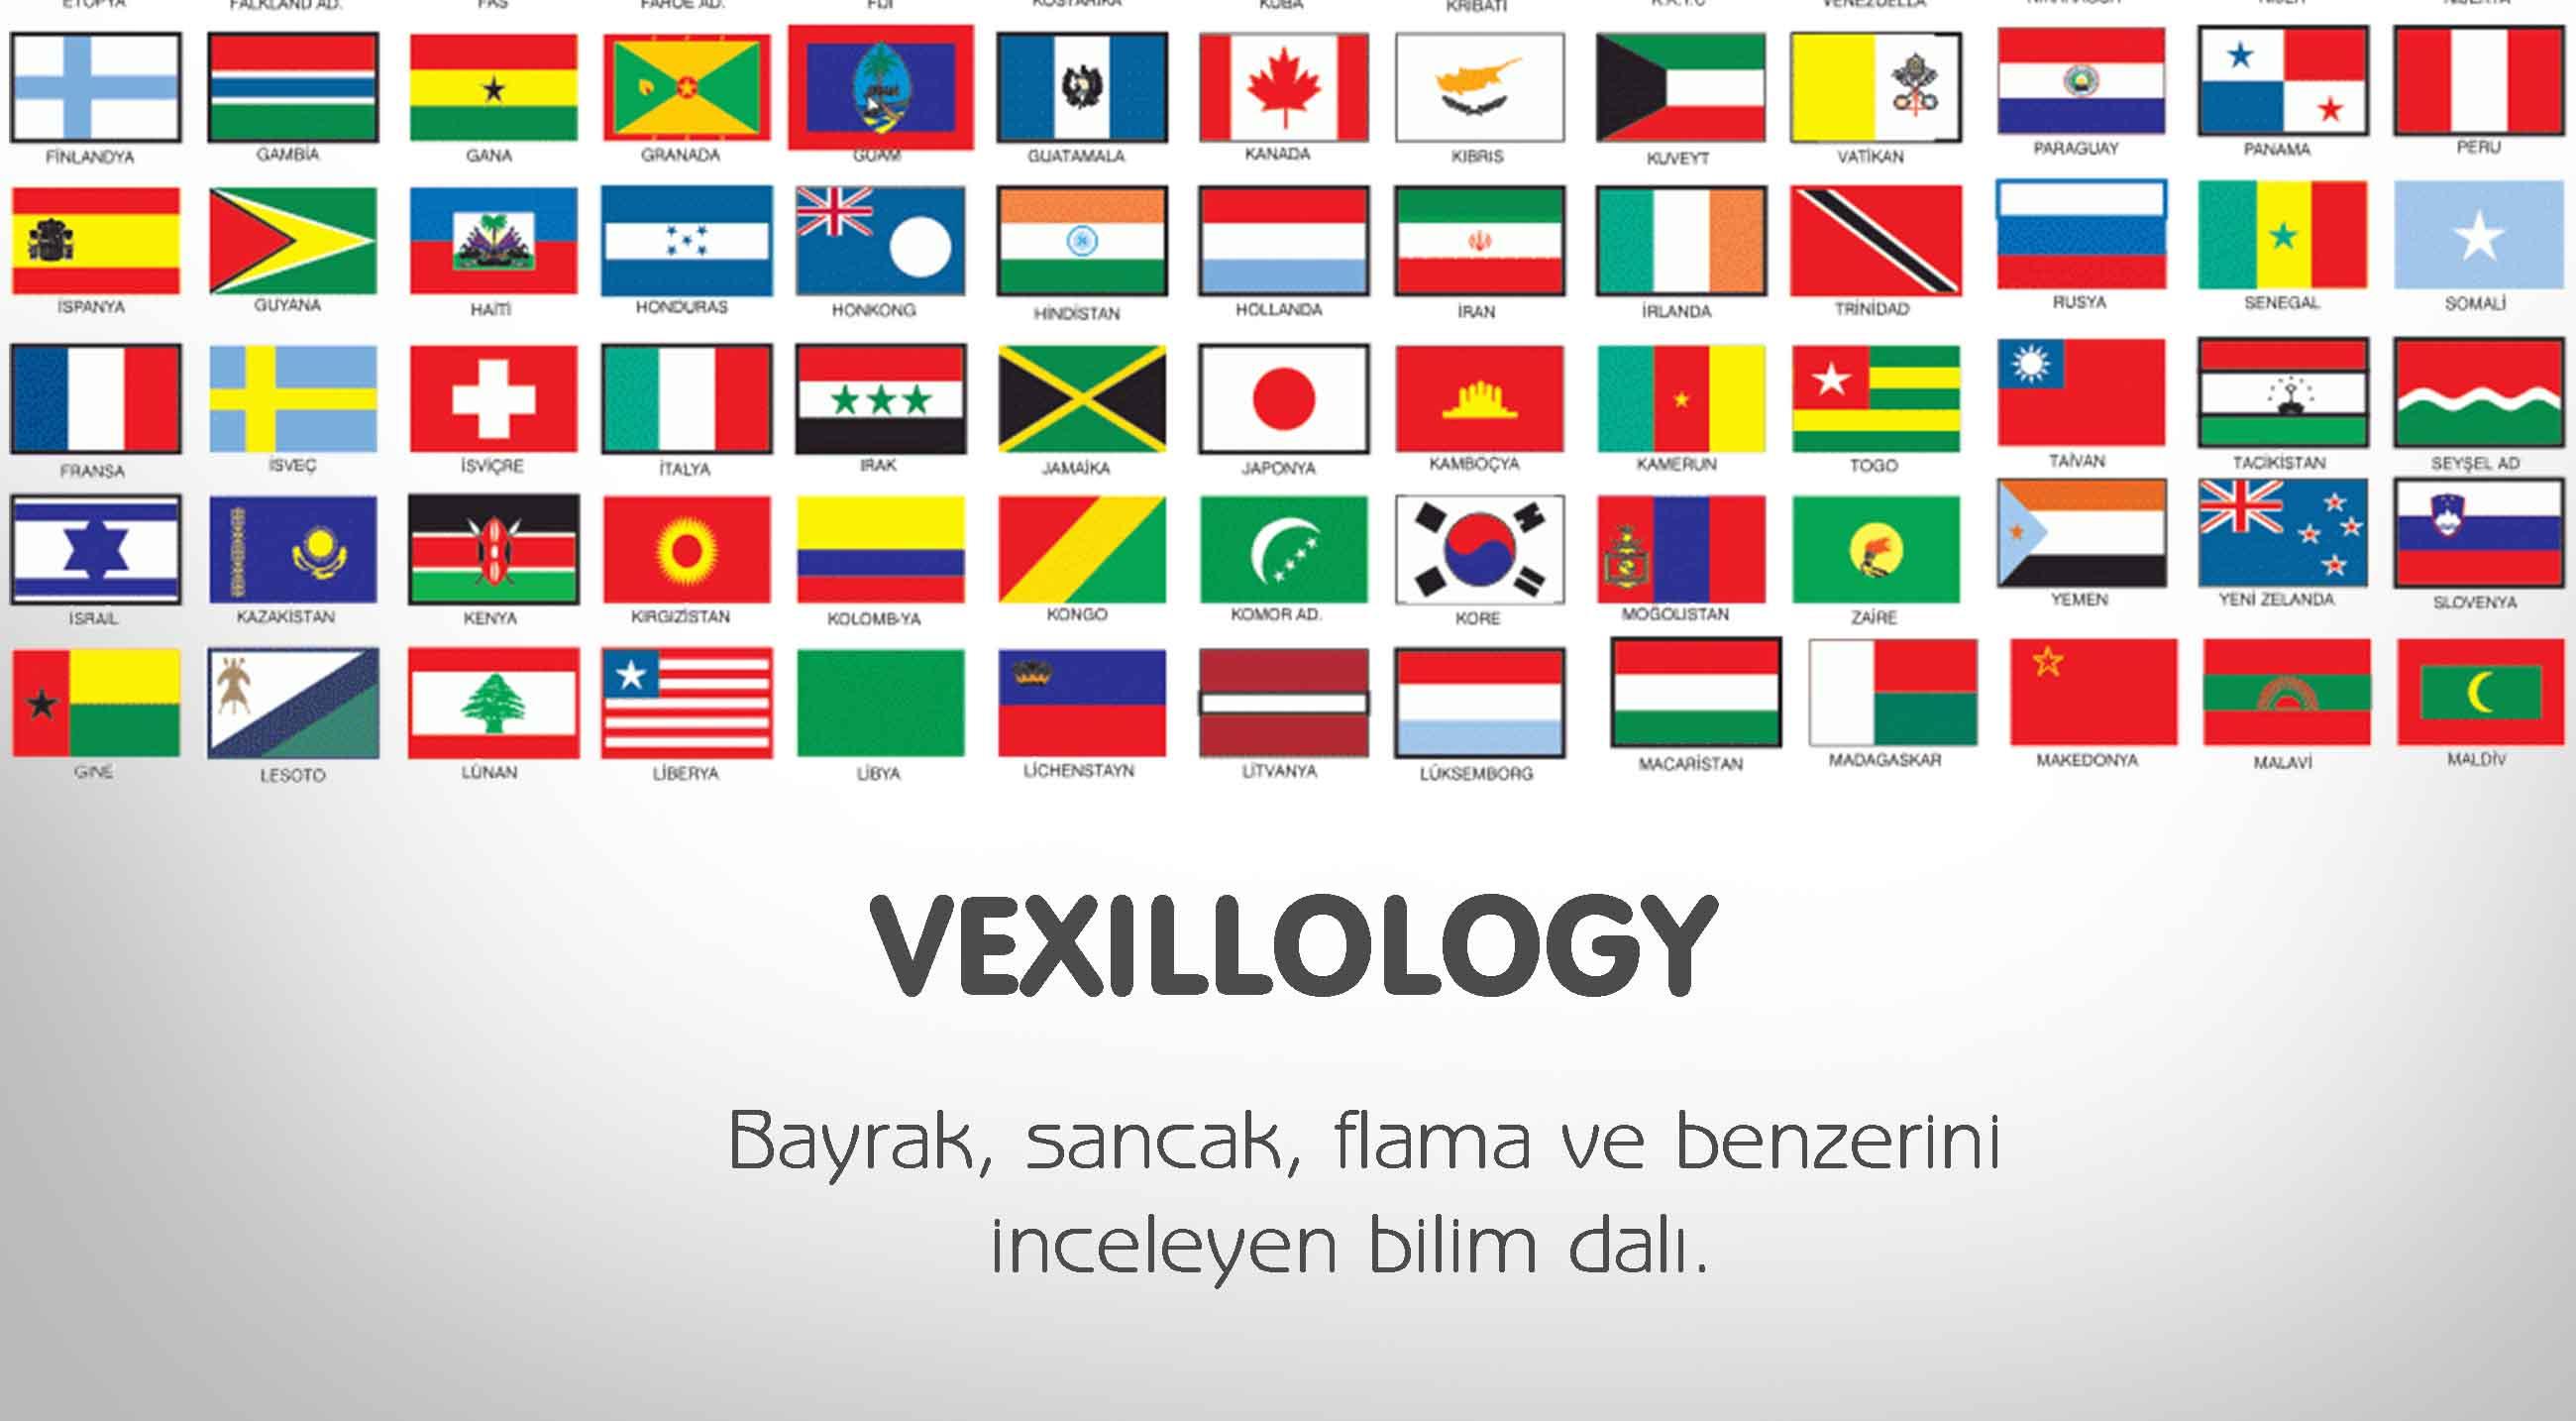 Vexillology nedir?